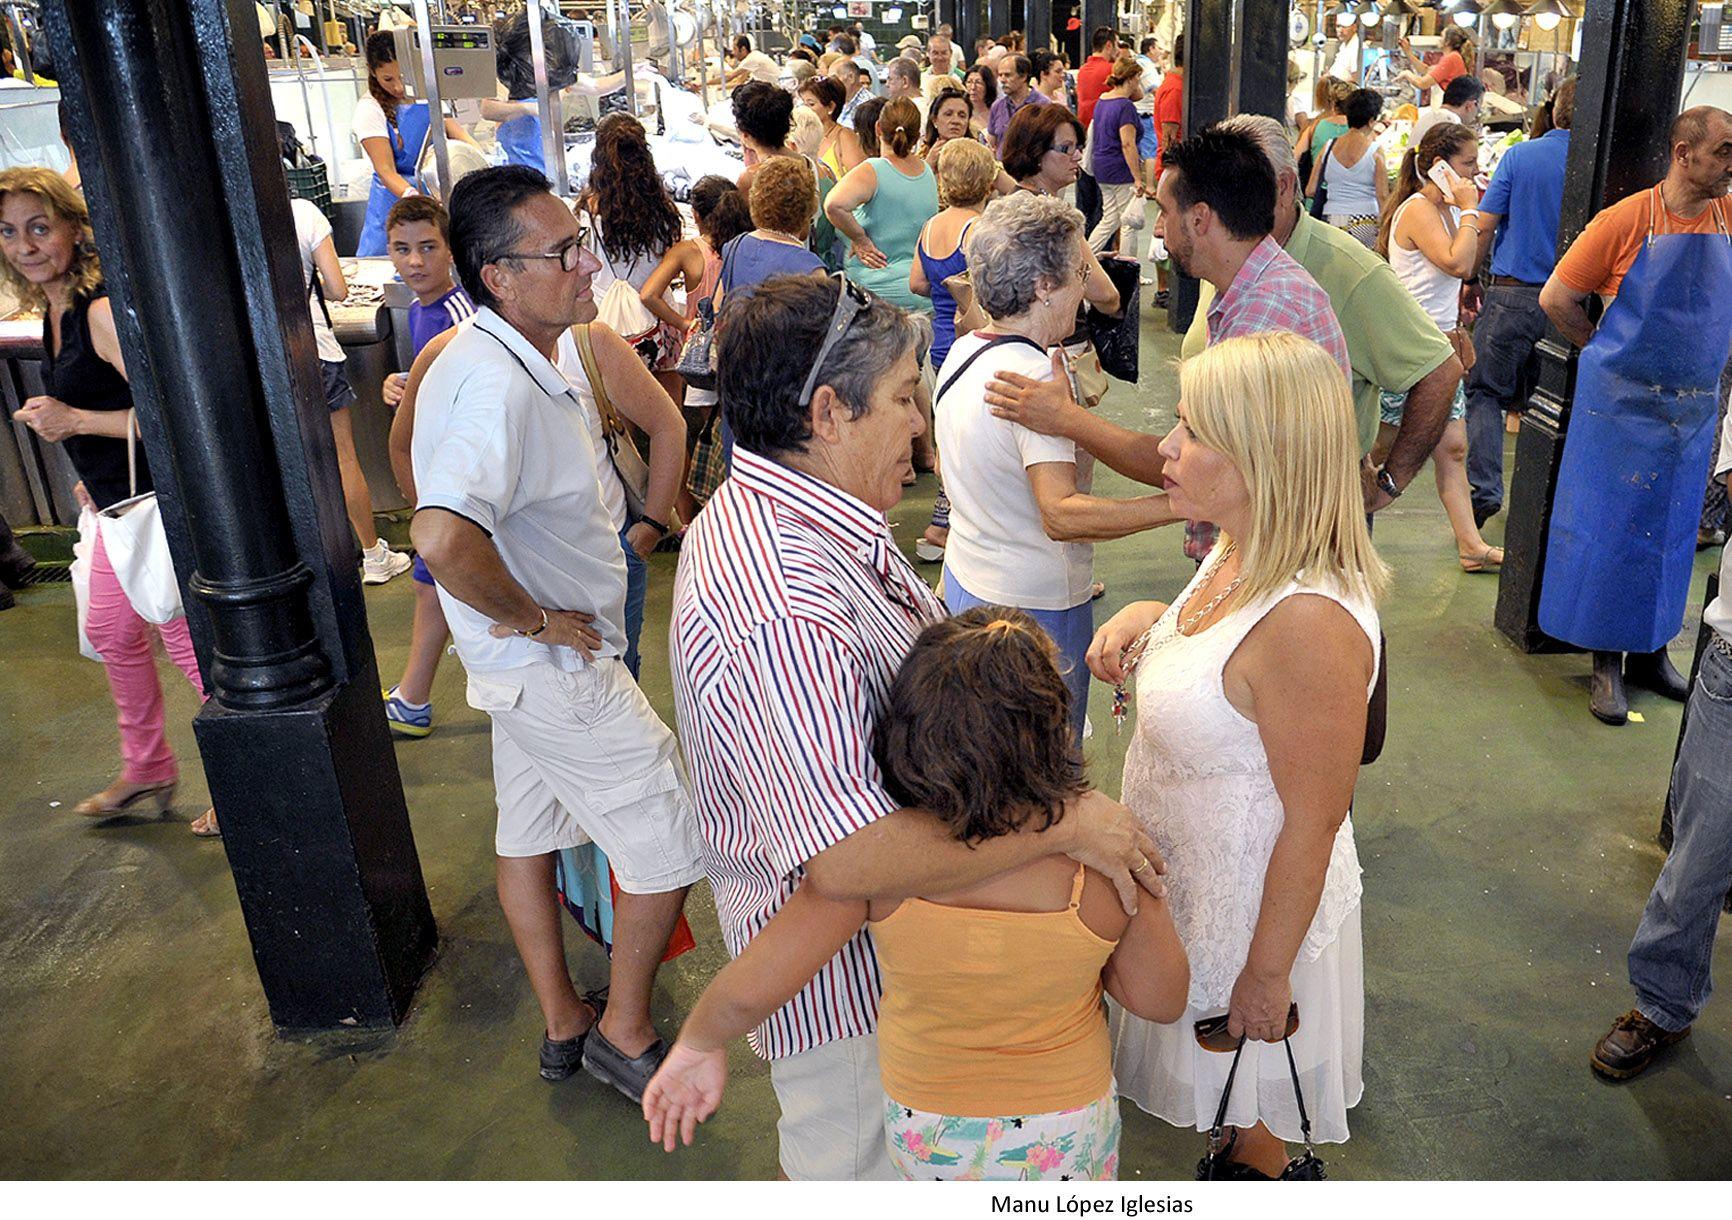 La alcaldesa Mamen Sánchez en su visita al Mercado Central de Abastos de Jerez